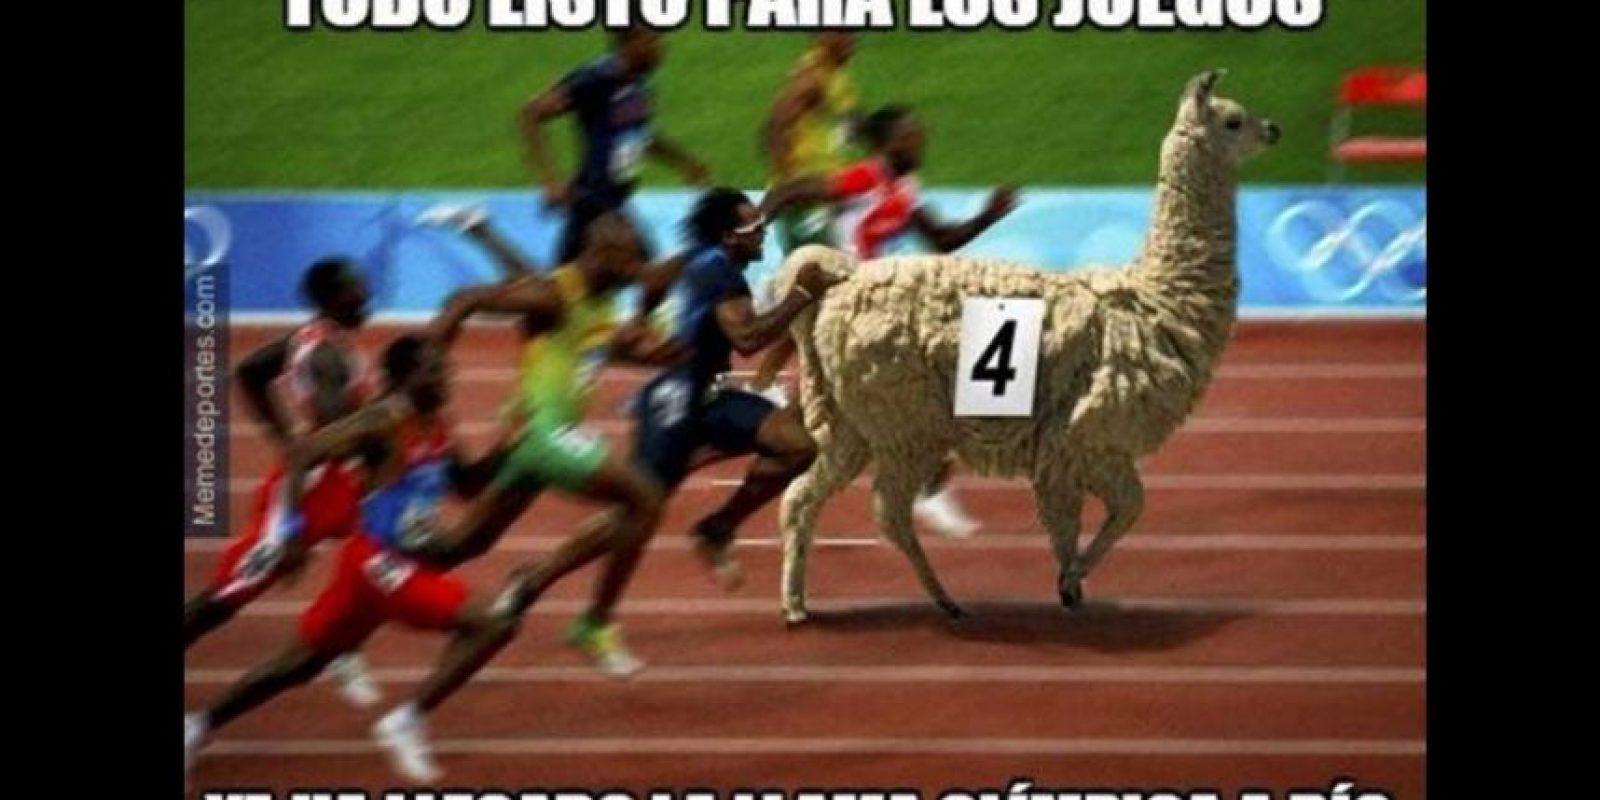 Estos fueron los mejores memes de Río 2016 Foto:memedeportes.com. Imagen Por: